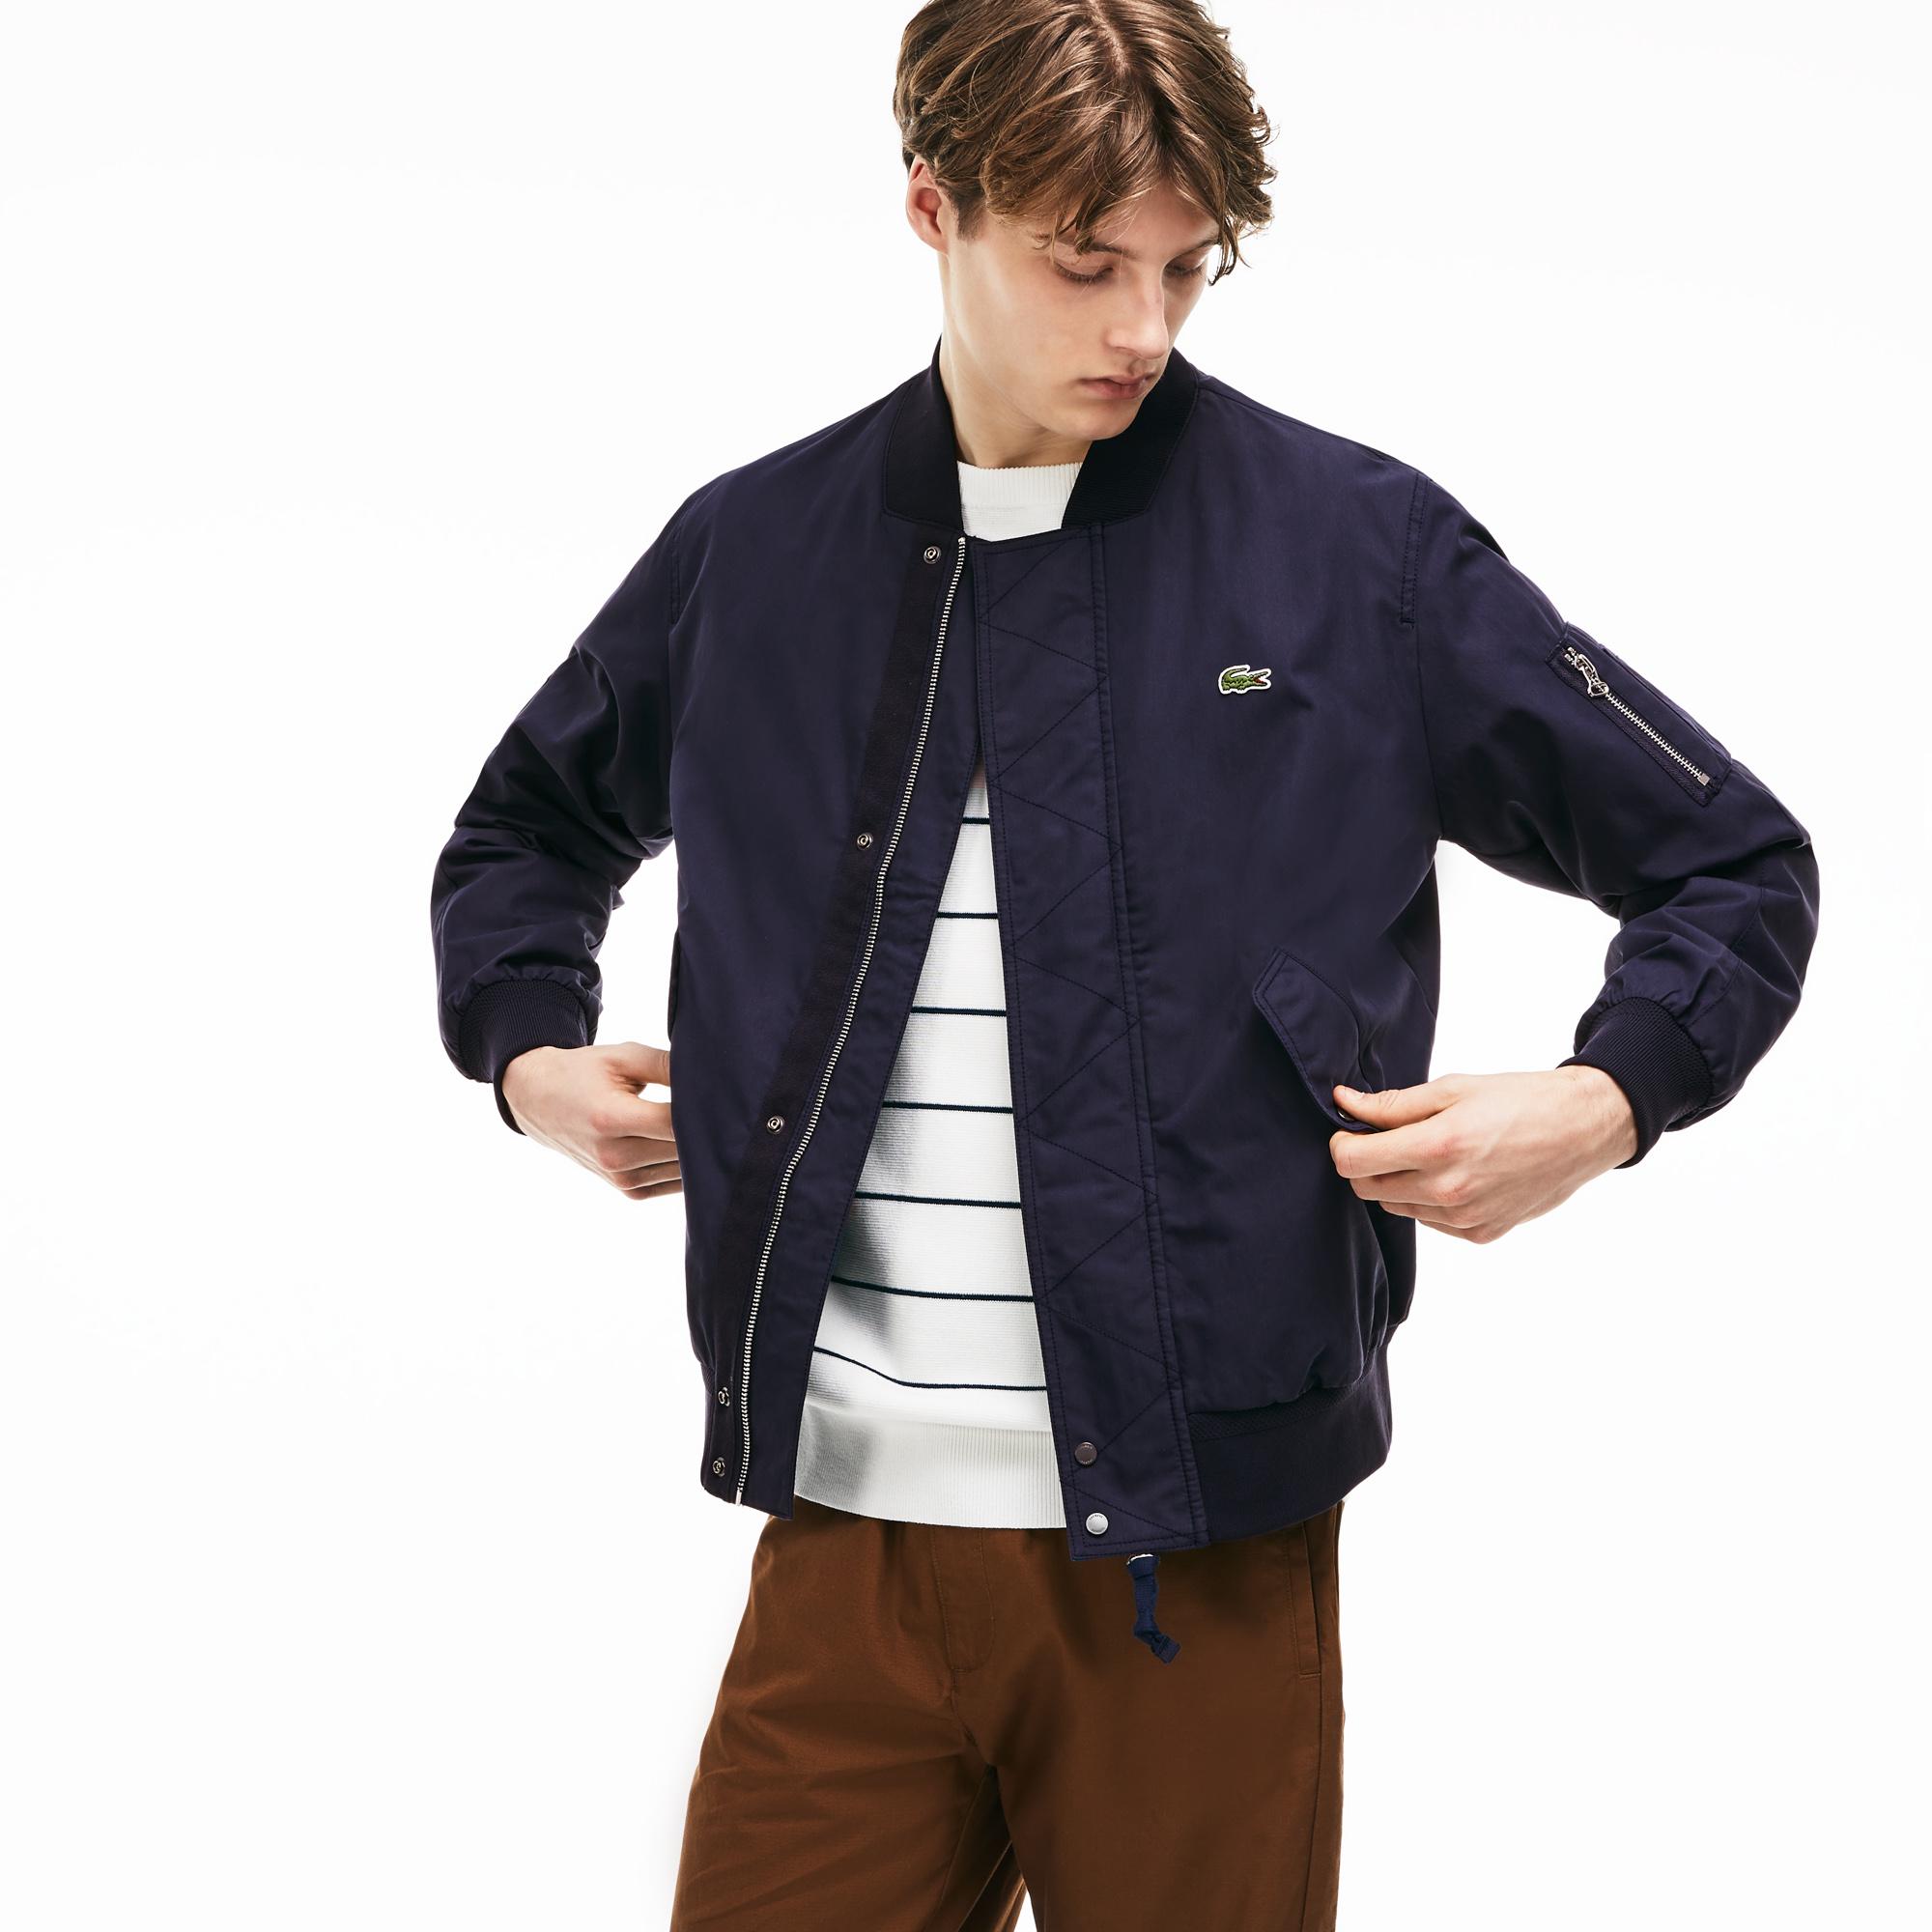 Куртка LacosteВерхняя одежда<br>Детали: стильная мужская куртка без капюшона  \ Материал: 59% хлопок 41% полиамид 100% полиамид 100% полиэстер 99% полиамид 1% эластан \ Страна производства: Индонезия